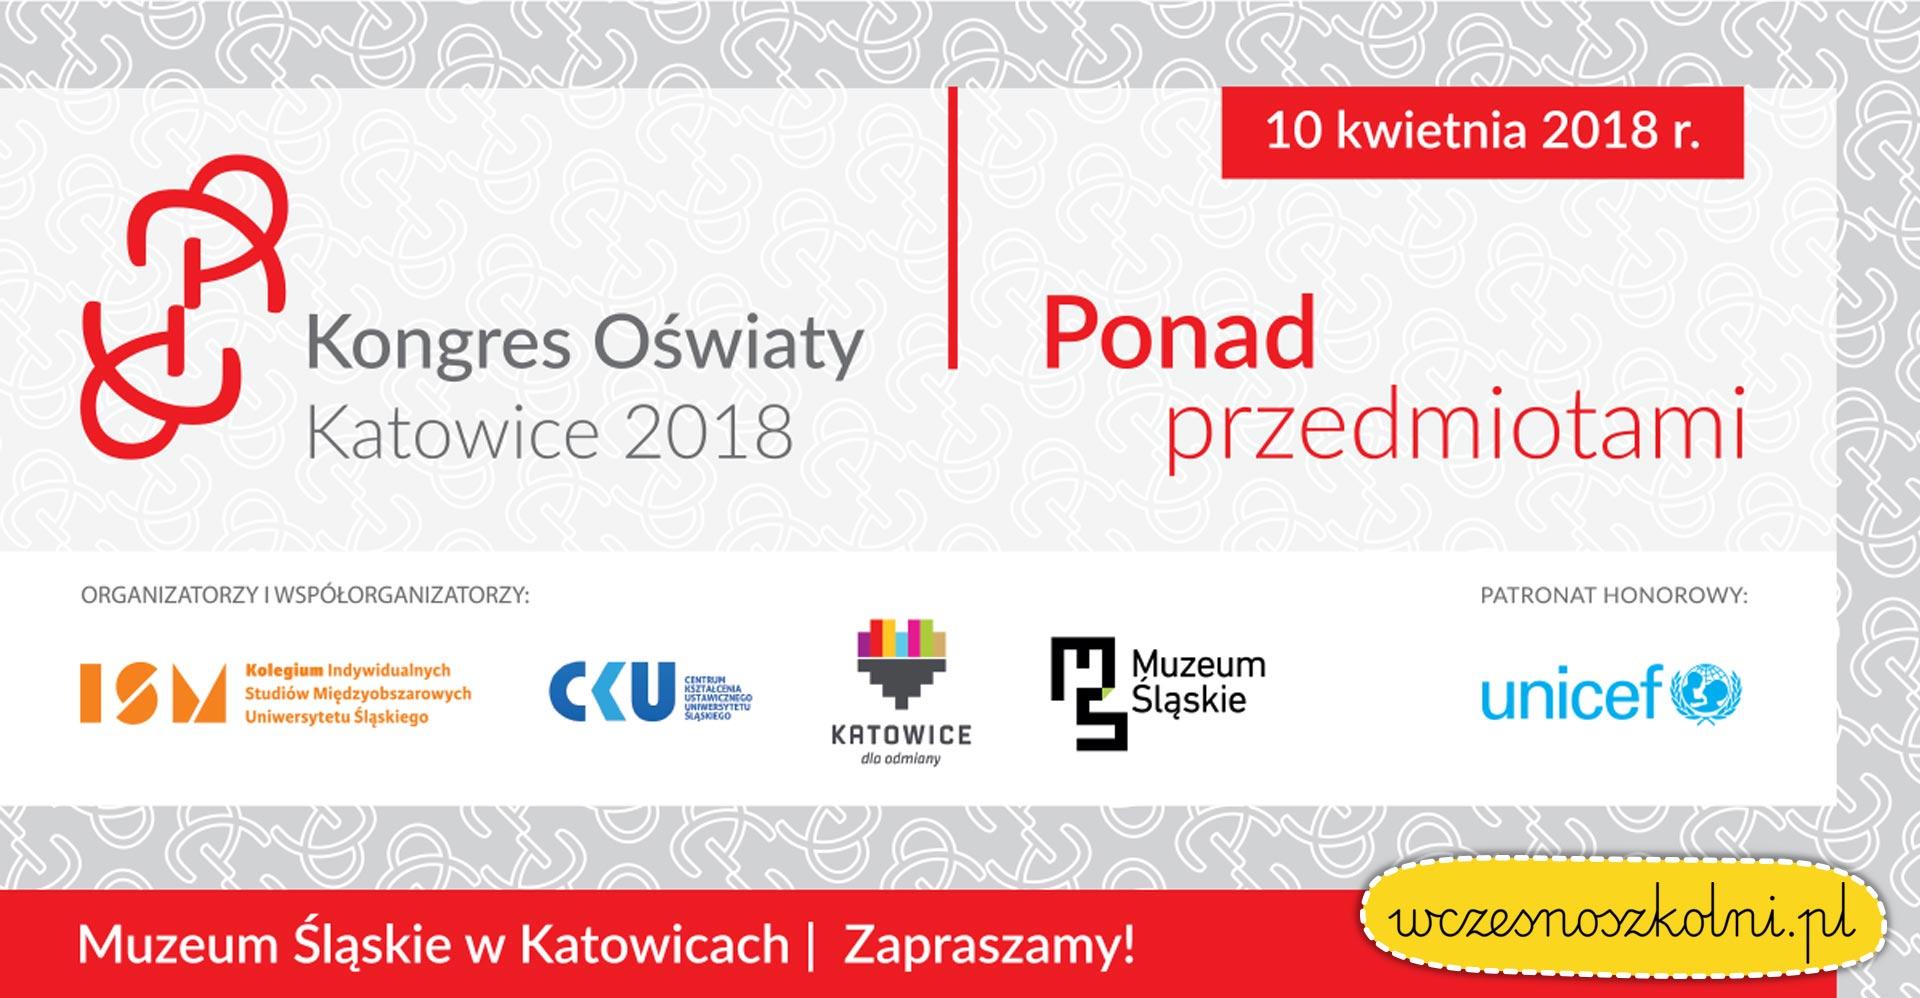 Kongres Oświaty Katowice 2018